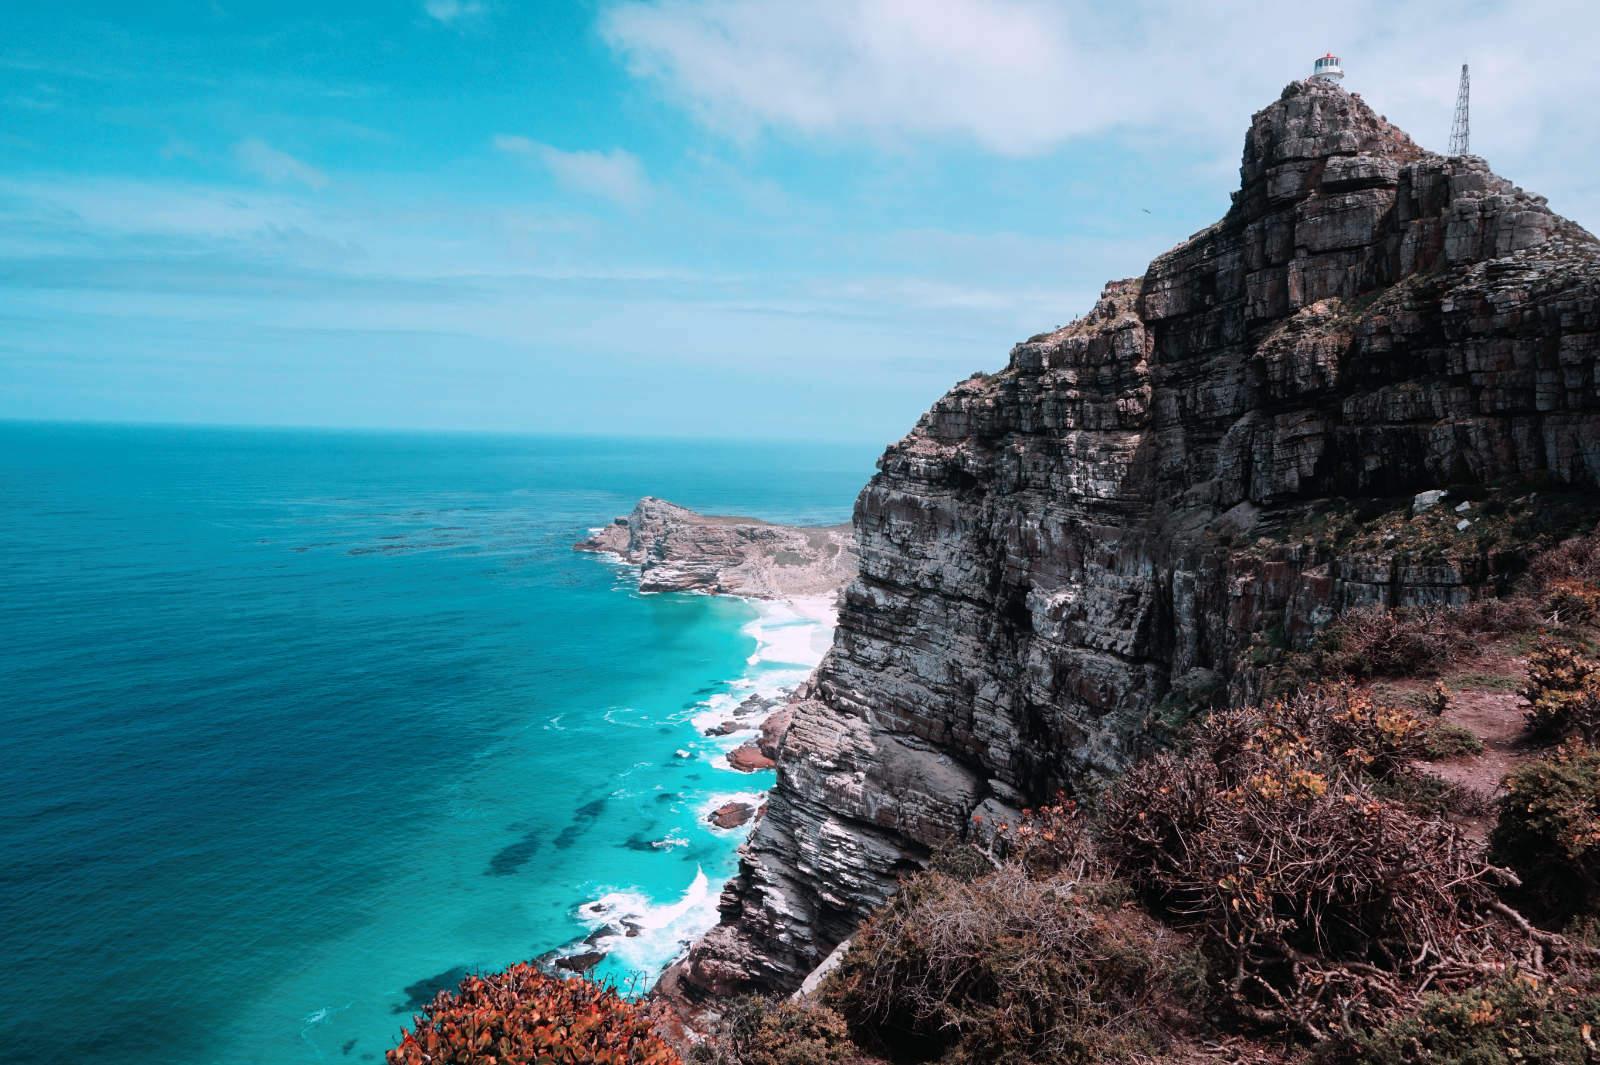 Cape Point und Kap der Guten Hoffnunf